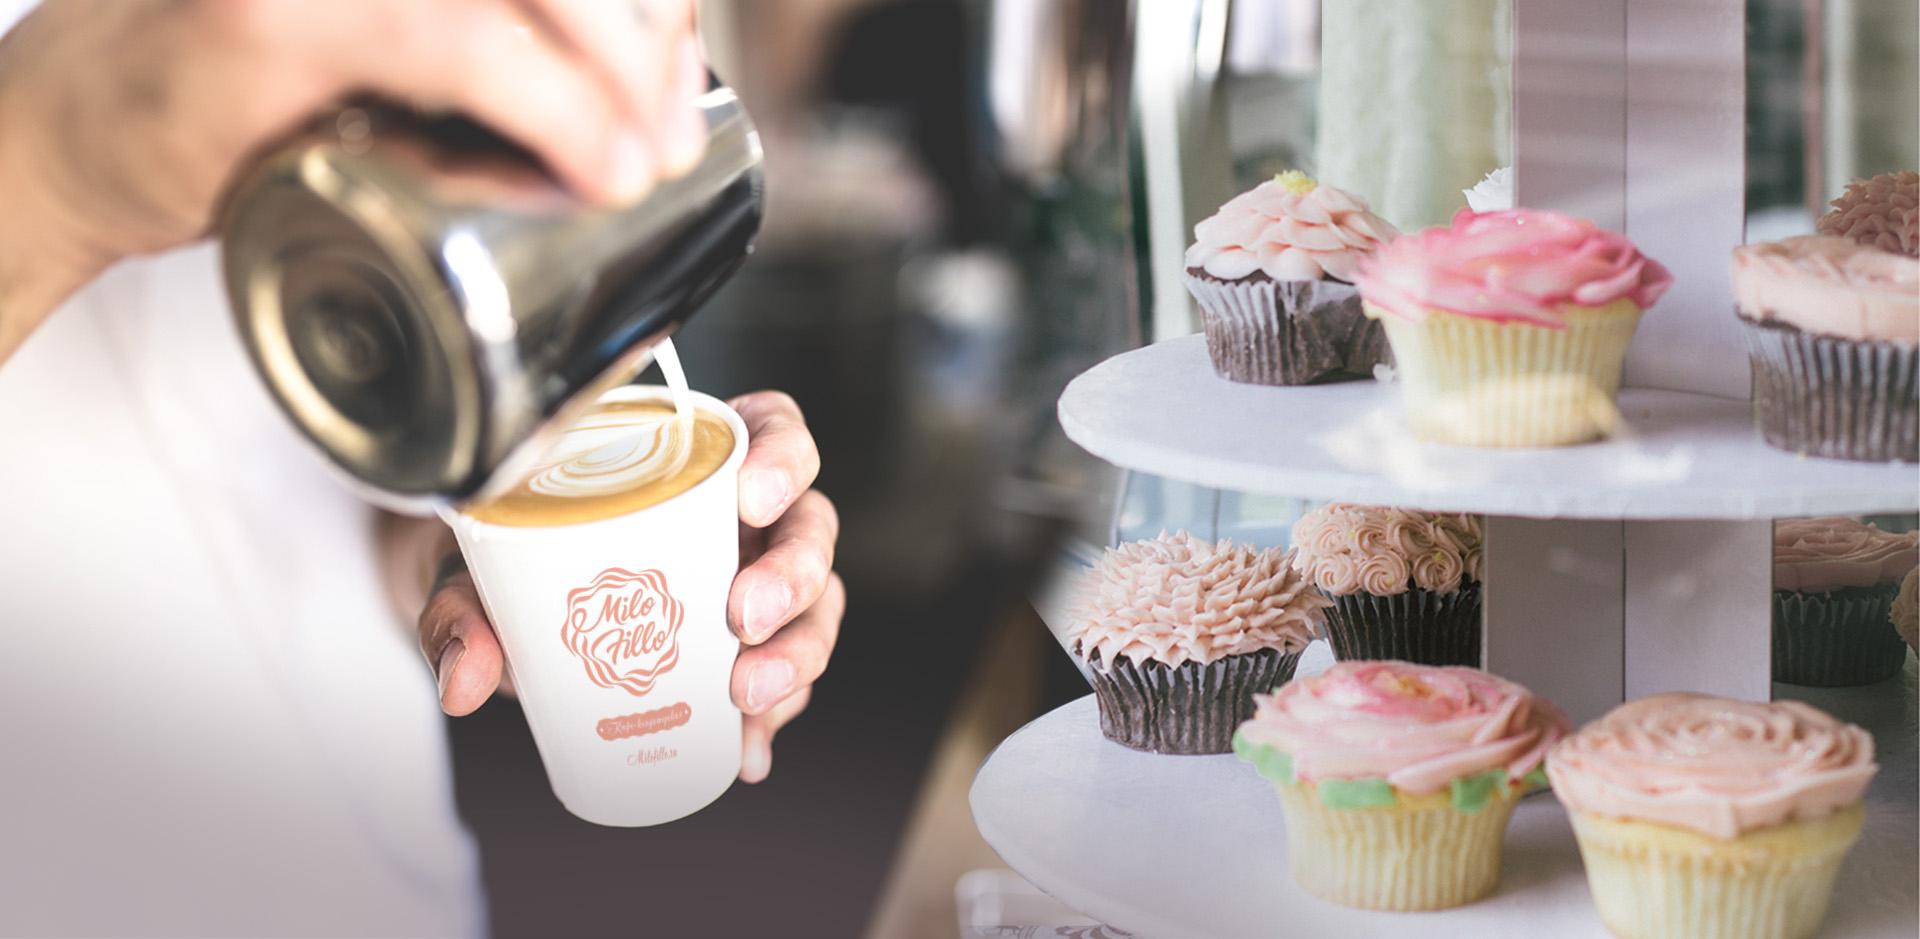 Дизайн логотипа кофейни, Cafe logo design